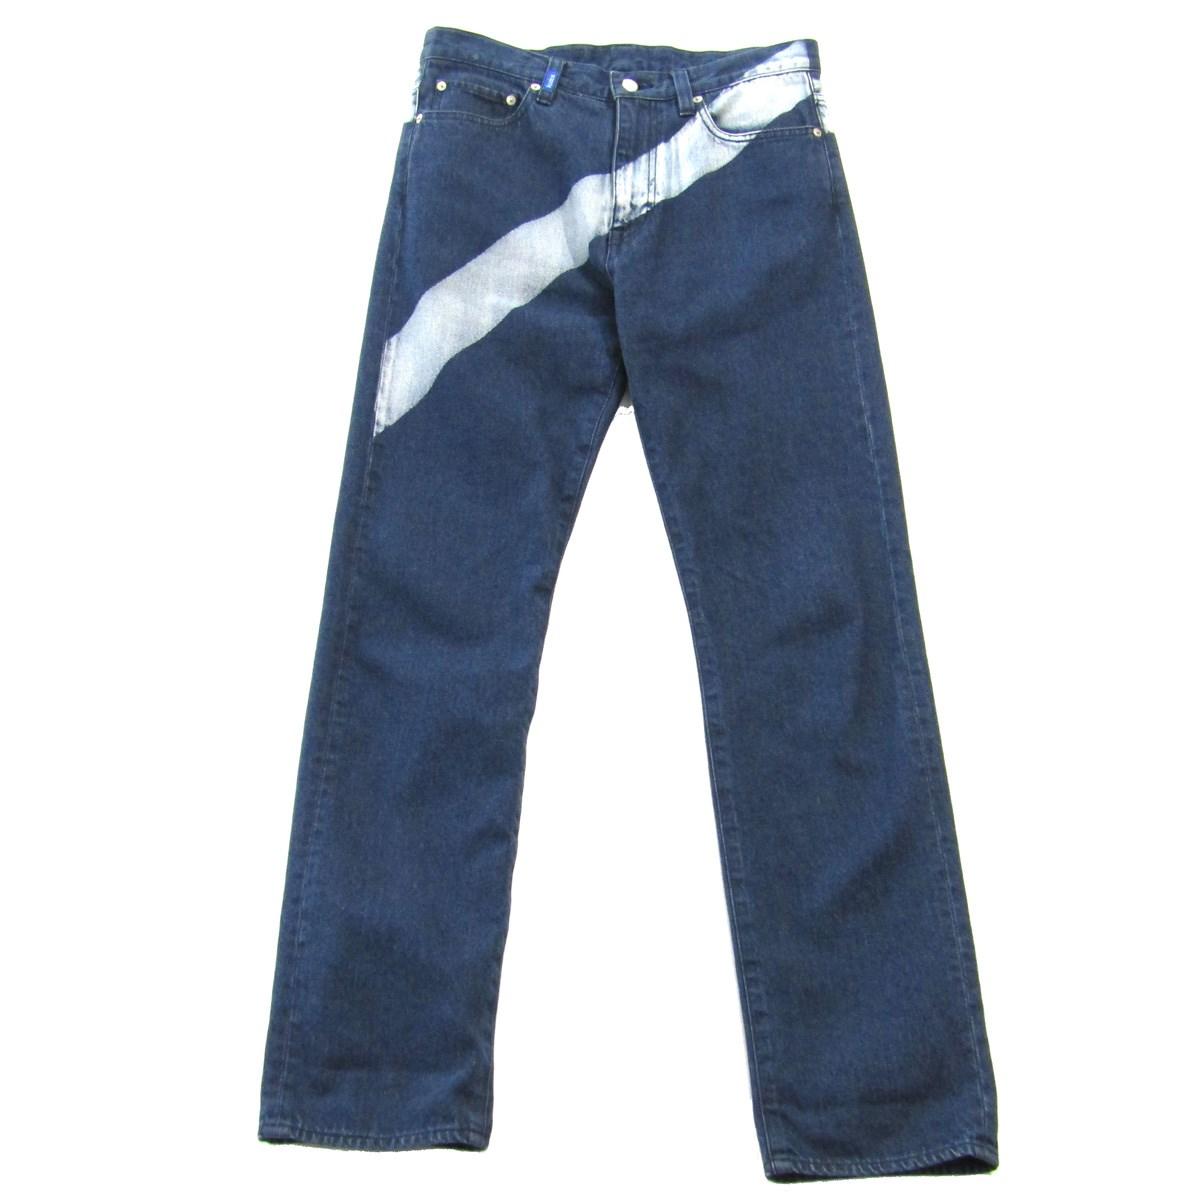 【10月17日 お値段見直しました】【中古】KUDOS2019SS Blue Print LINED DENIM TROUSERS デニムパンツ ブルー サイズ:2